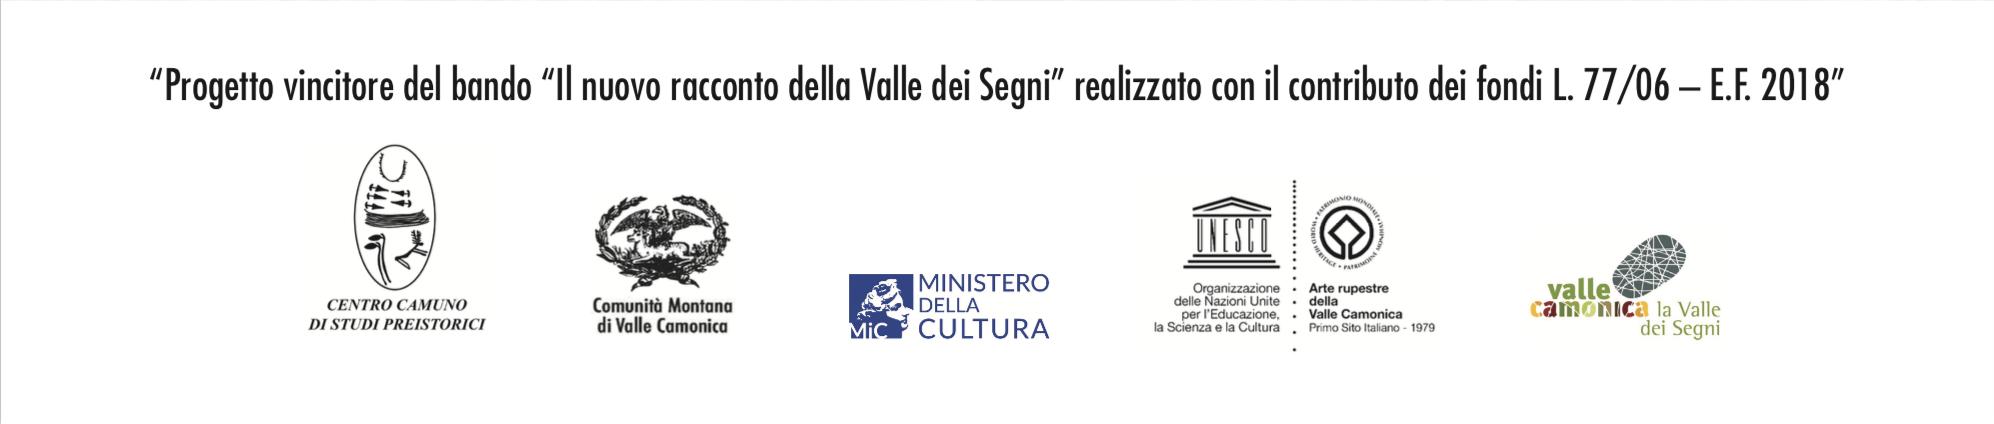 Loghi progetto CCSP Renata Besola